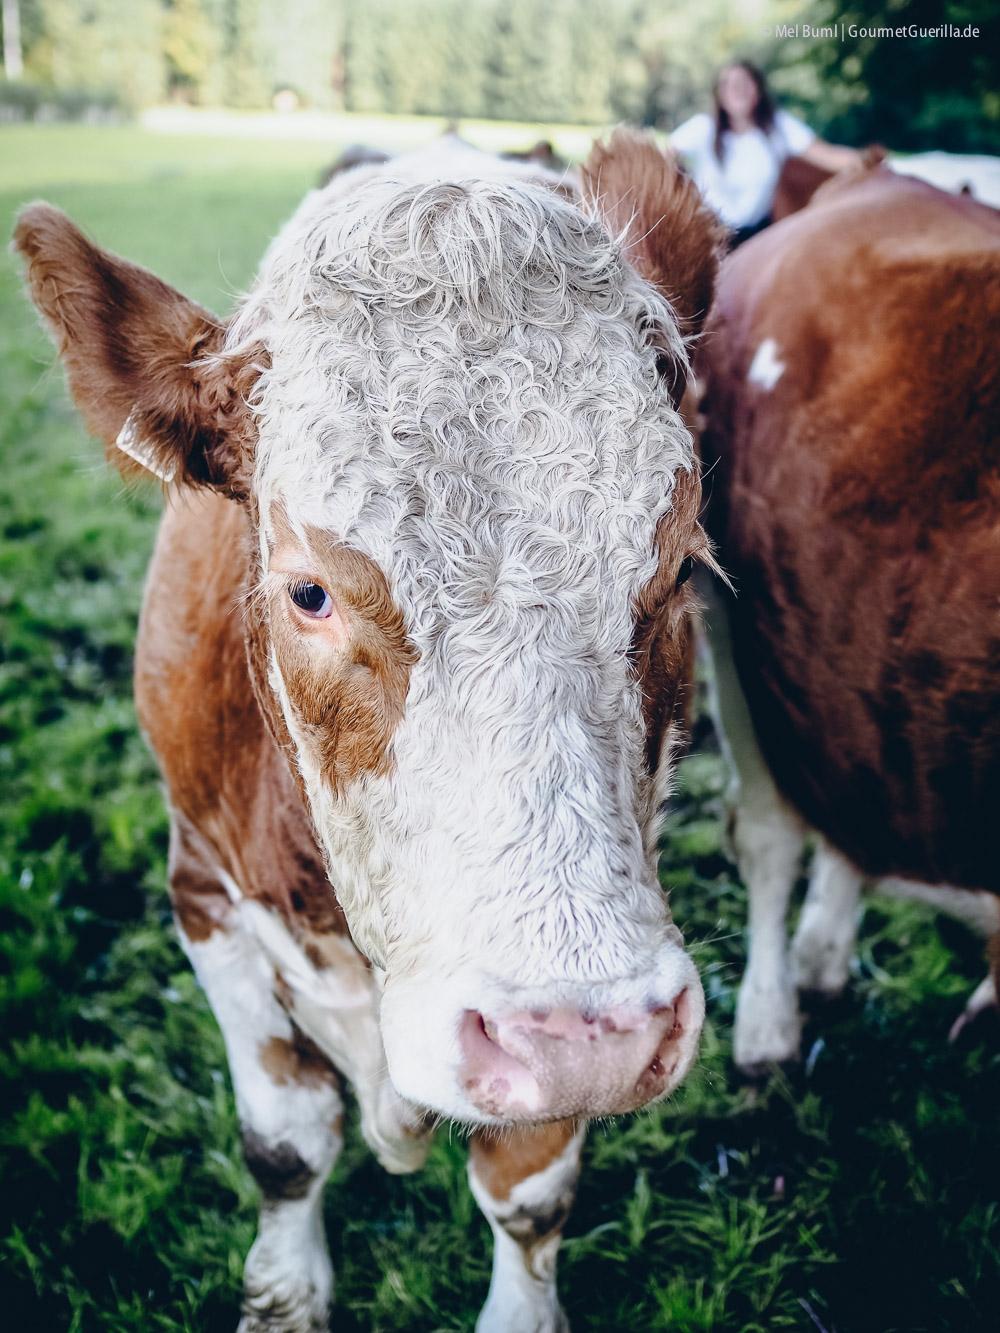 Die Kuh-Flüsterin vom Wallnerbauernhof. Eine Liebesgeschichte mit Heumilch g.t.S. im Salzburger Land #sennermeetsblogger |GourmetGuerilla.de